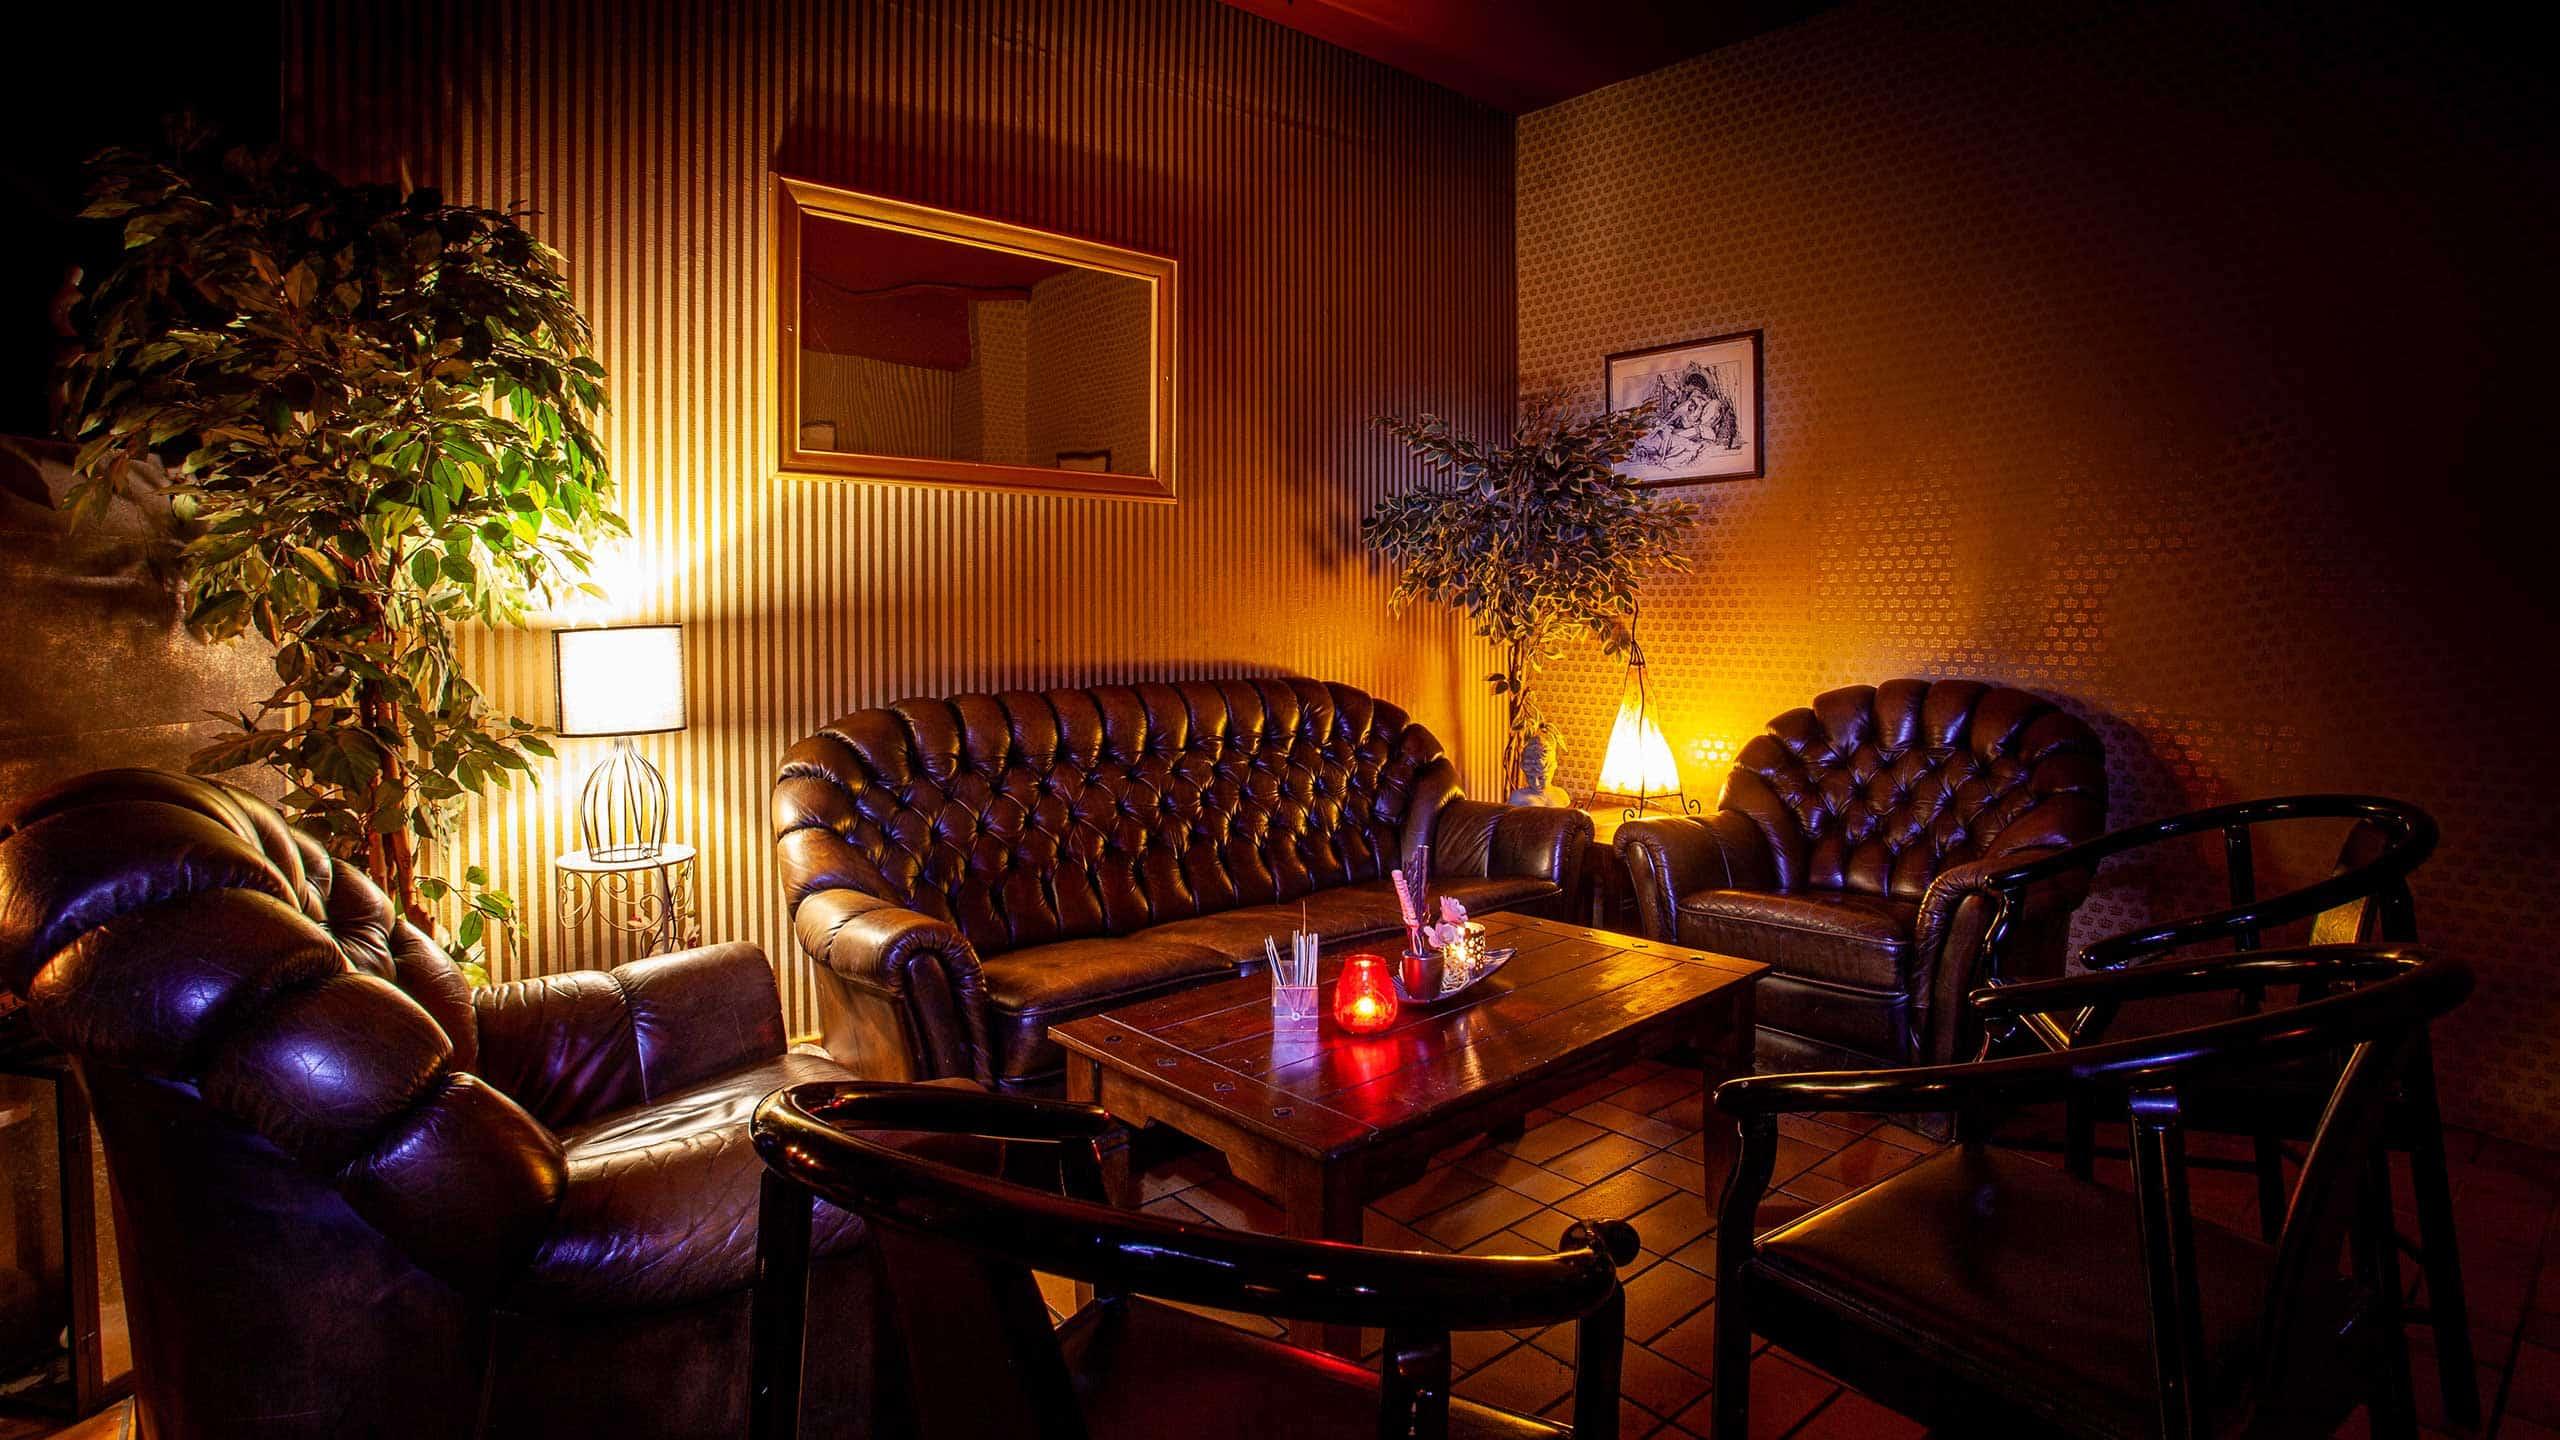 Bar Hemmungslos Hannover Kaminzimmer Chillen Chilllounge Lounge Ergeschoss